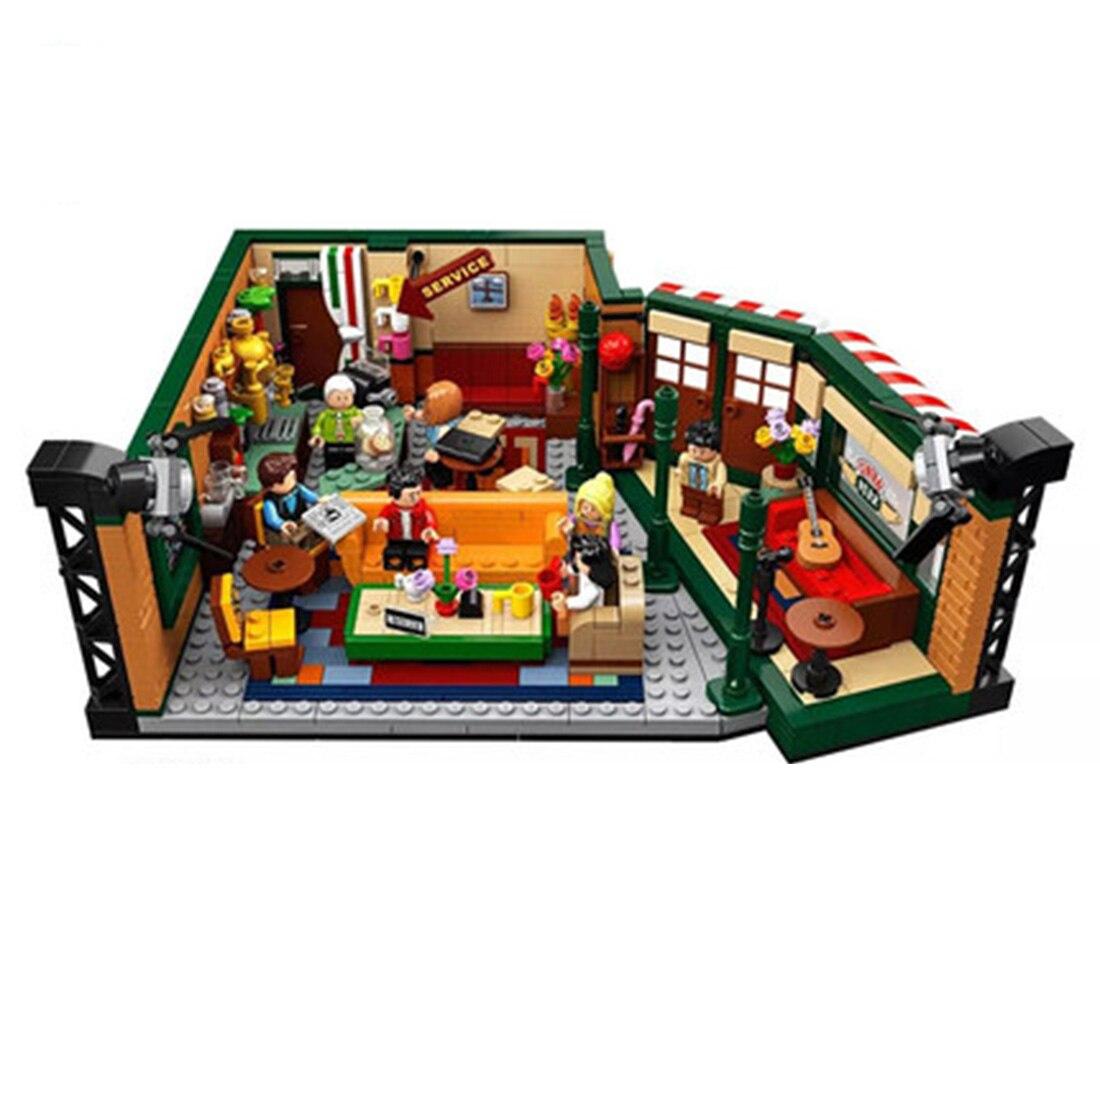 3/5 мм строительный блок акриловые пыле Дисплей коробка литье коробок для друзей кафе 21319 Укладка блоков 21319 игрушки, детские кубики, подарки ... - 6